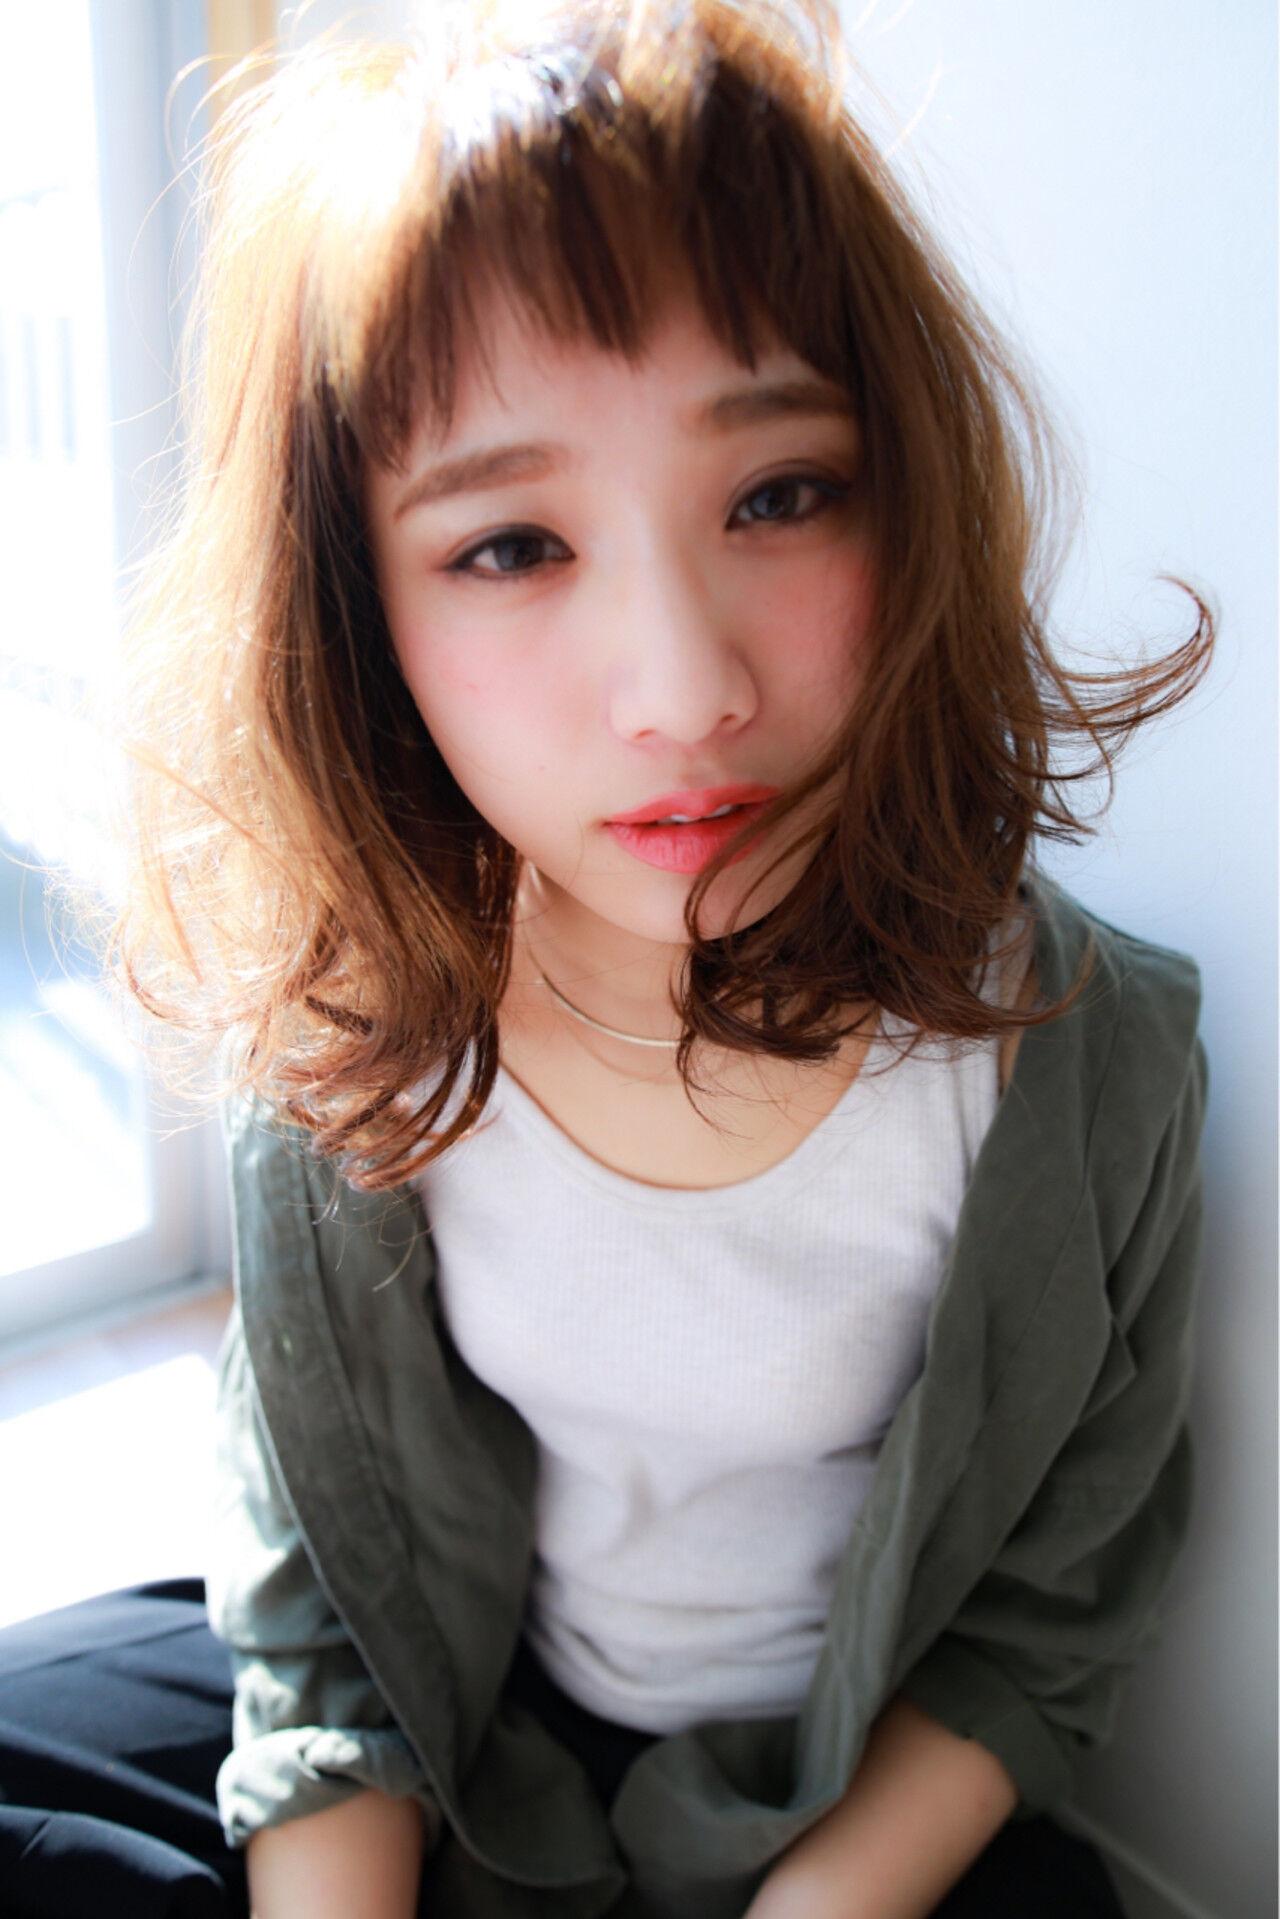 ウルフカット 色気 マッシュ ショートバングヘアスタイルや髪型の写真・画像